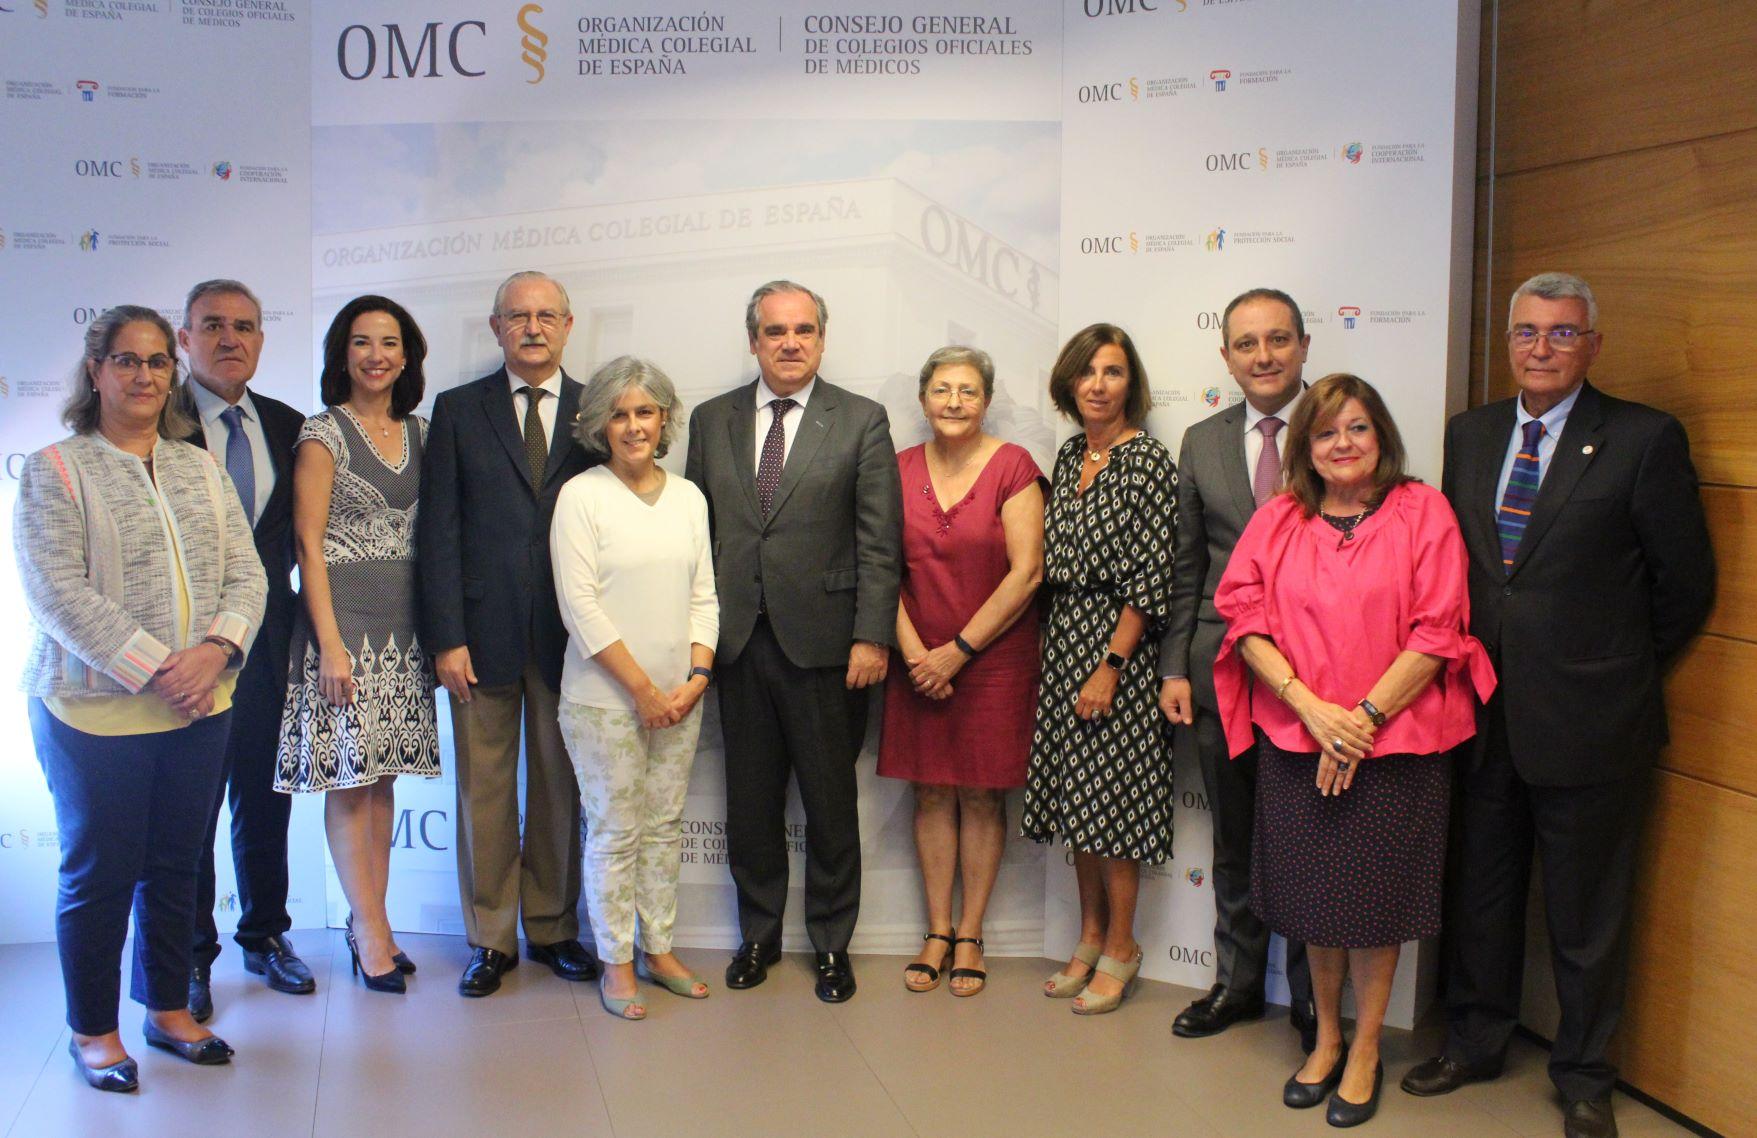 Foto de familia de los principales representantes del acuerdo firmado